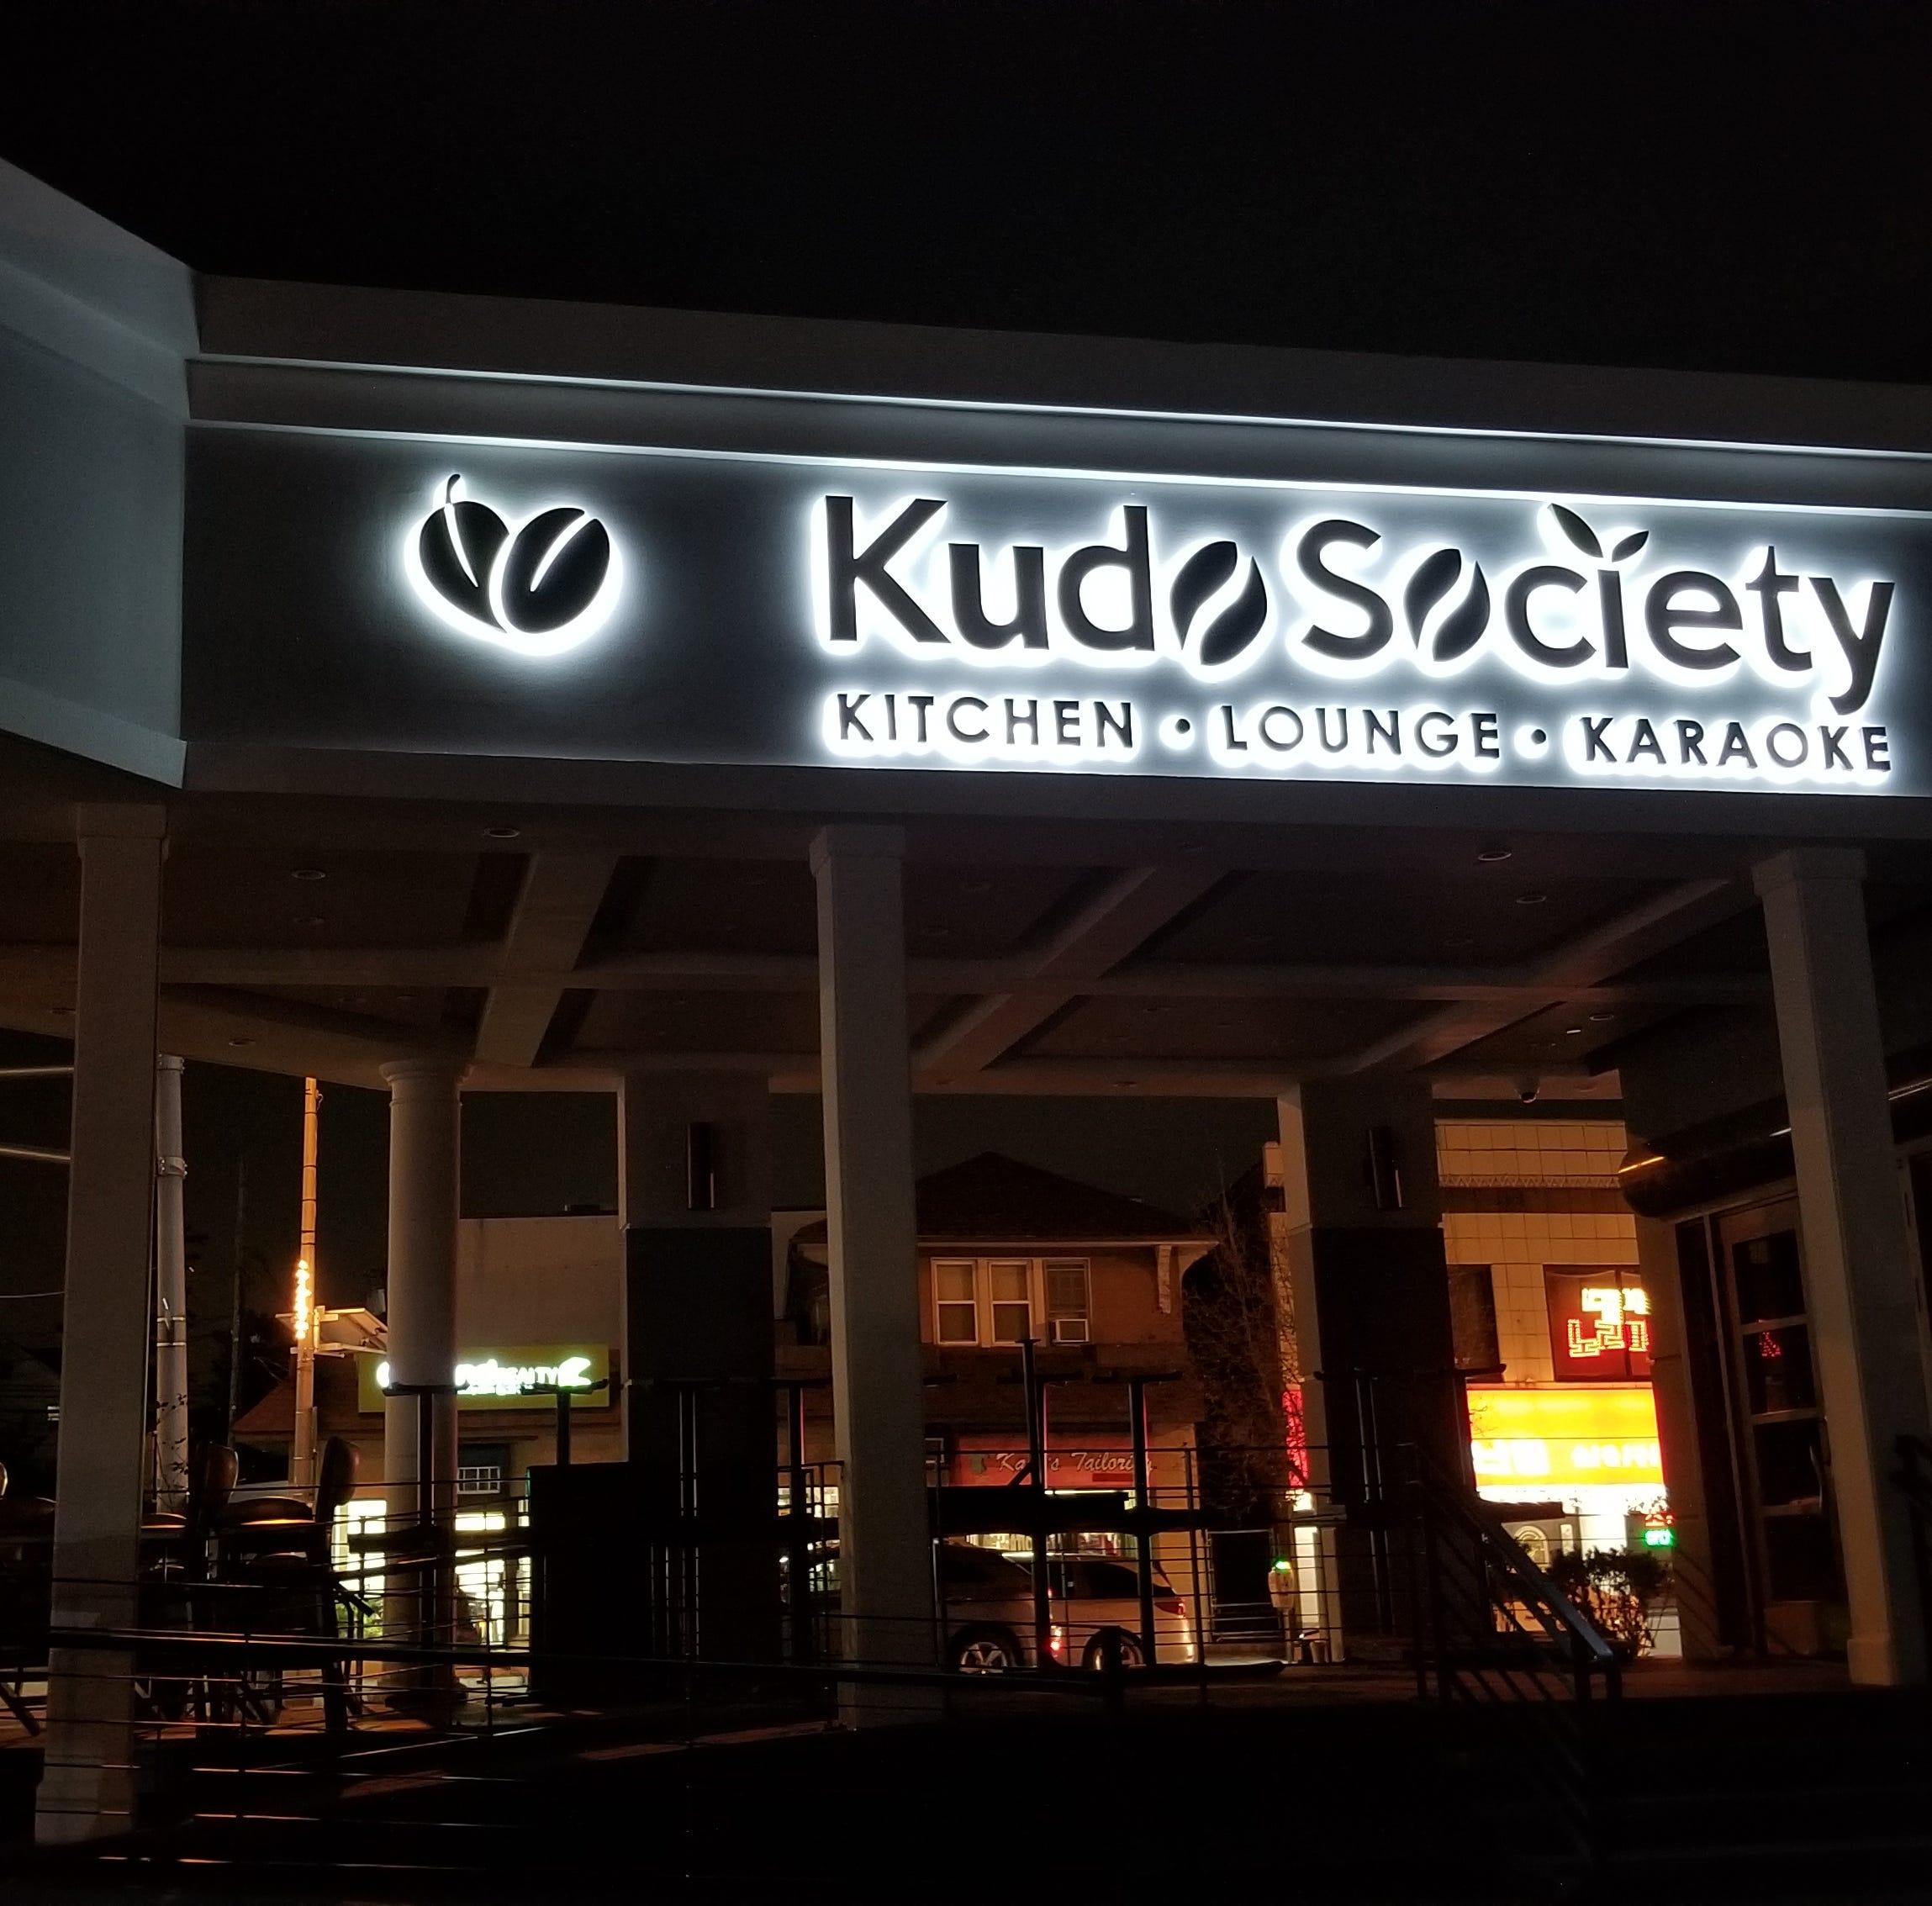 Half classic diner, half Korean restaurant to open at the former Golden Eagle Diner